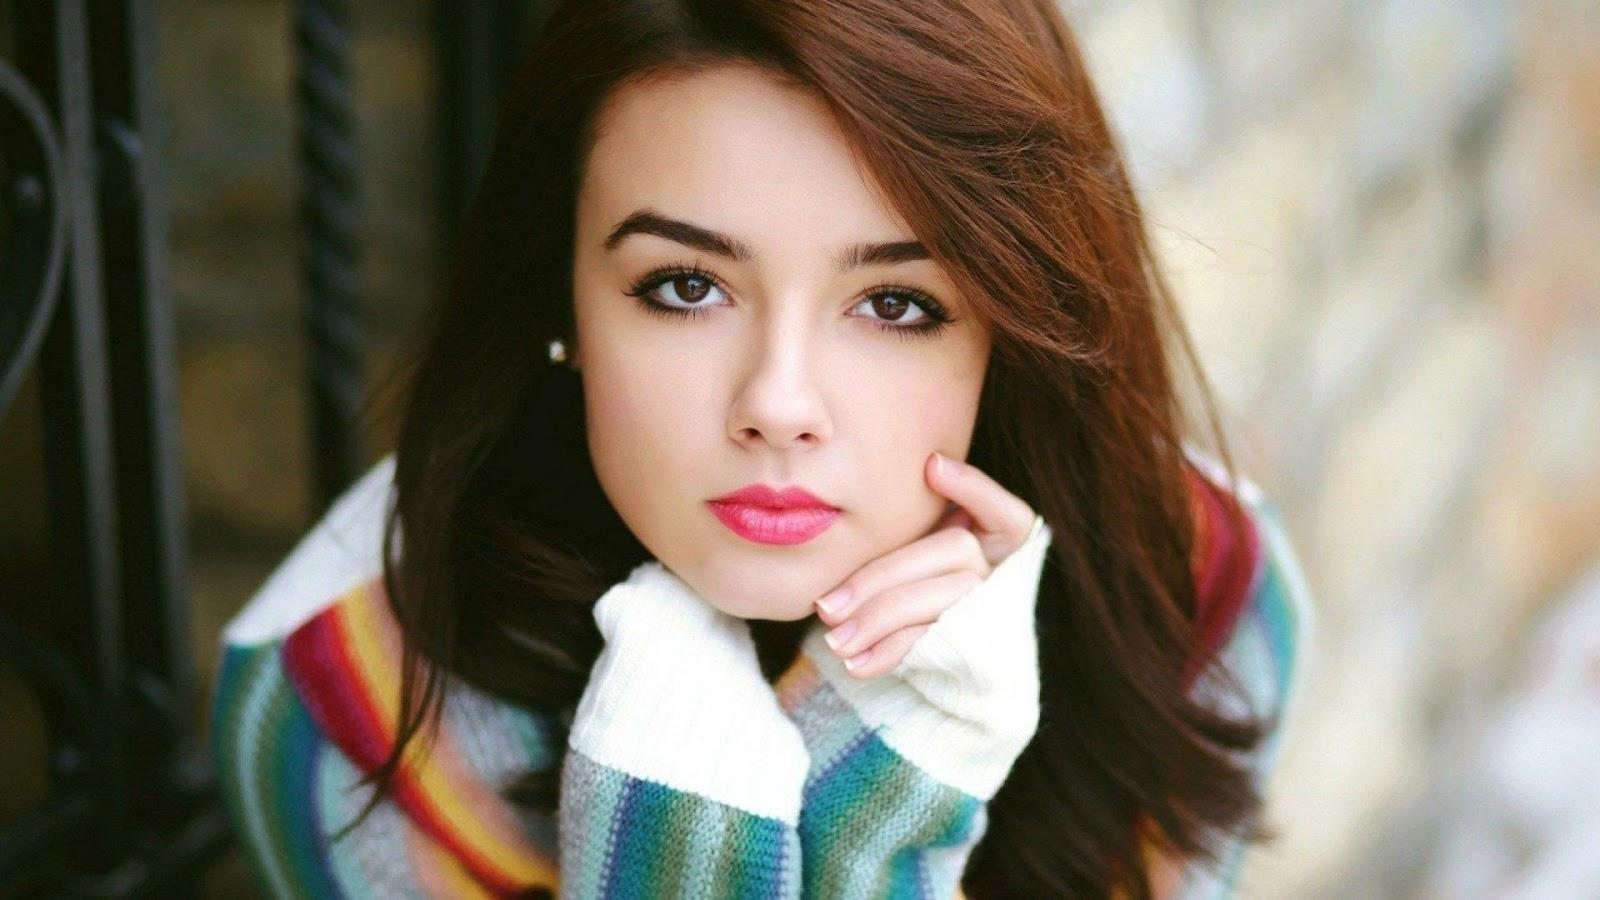 صور اجمل الصور بنات في العالم , جميلات العالم في صور